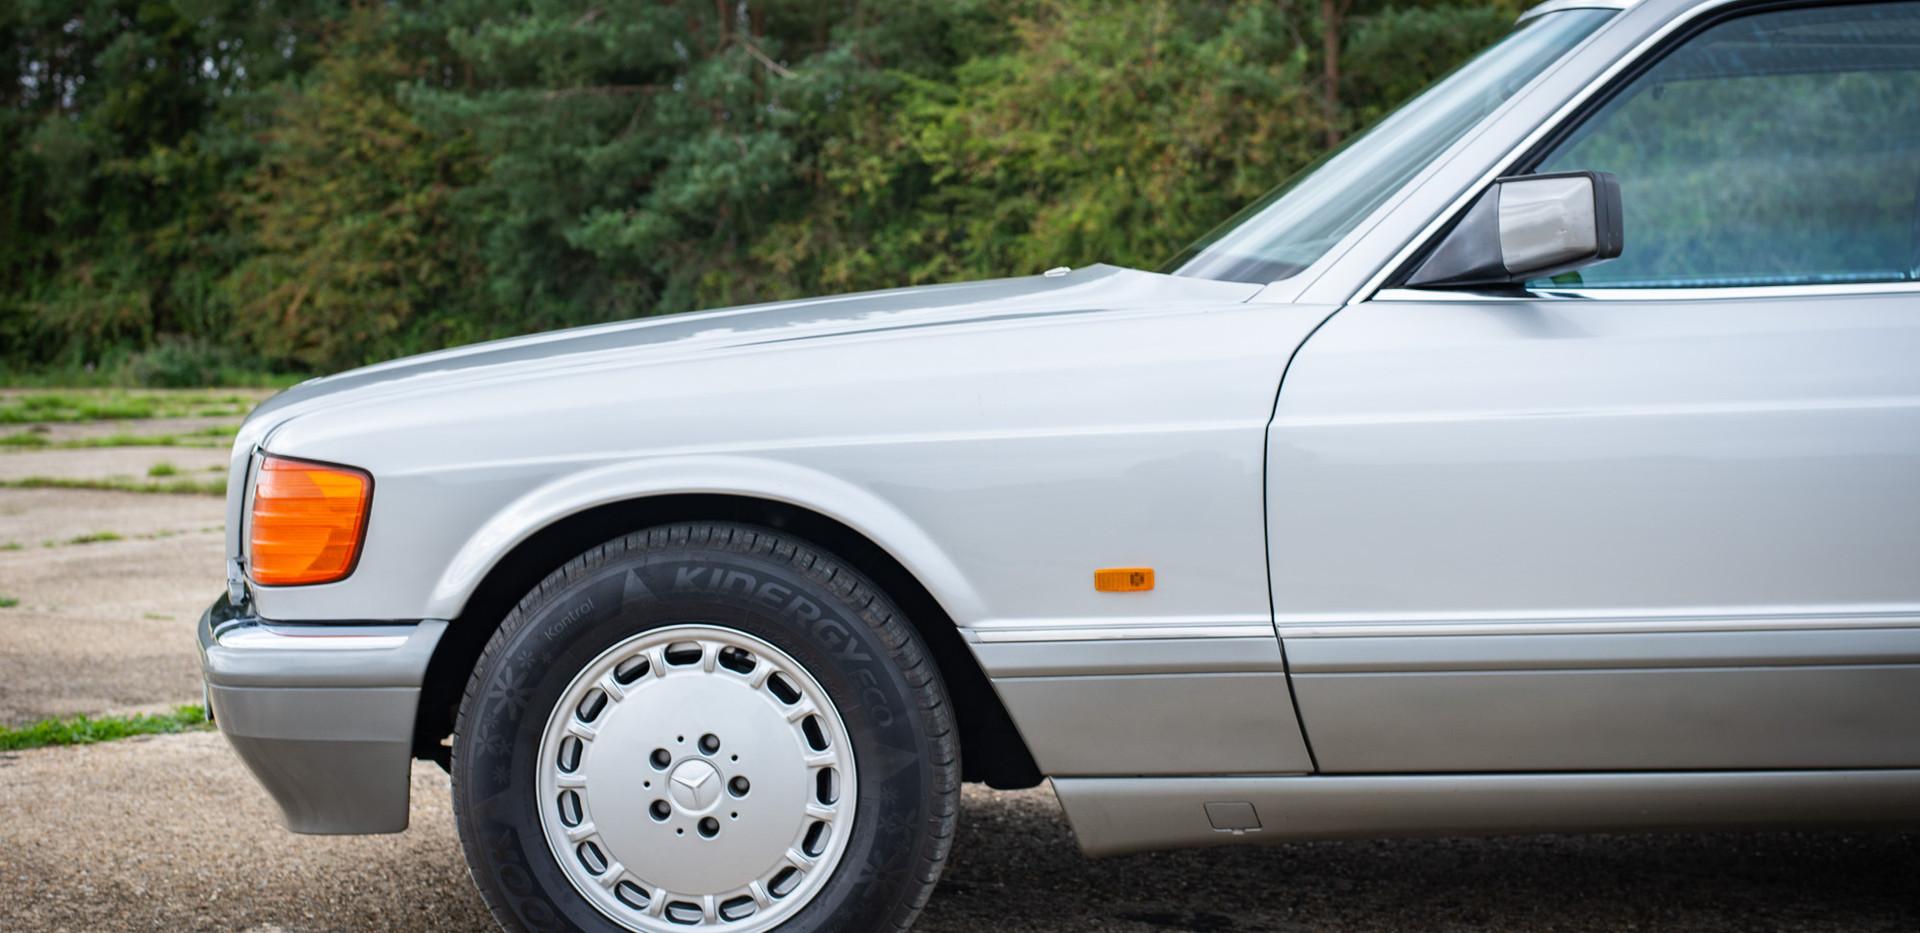 W126 420SEC - Uk for sale london-23.jpg